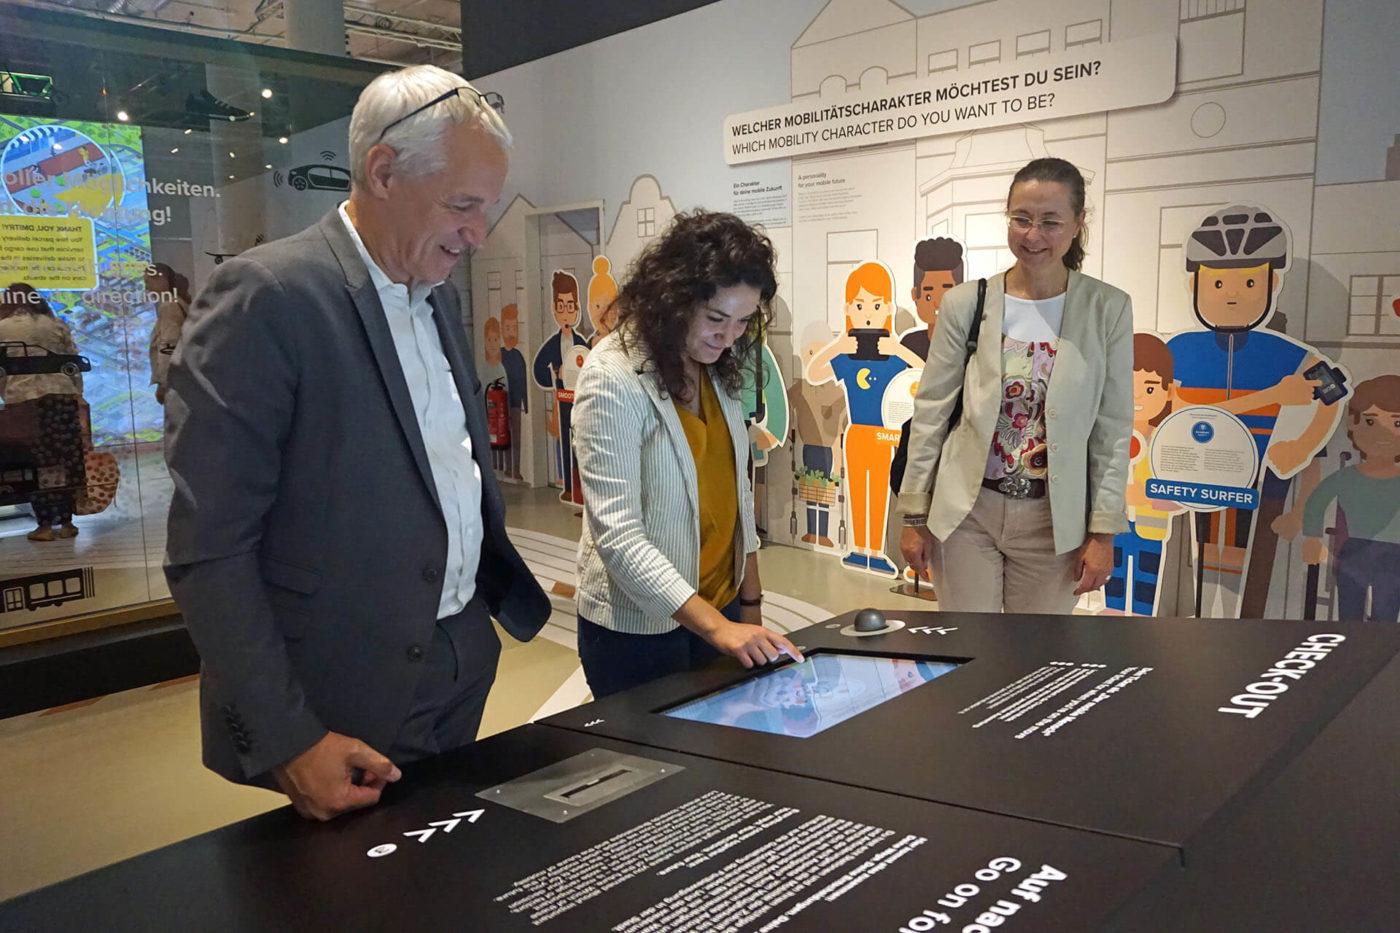 Universum Bremen_Sonderausstellung_Der mobile Mensch_Besuch Sarah Ryglewski (10)